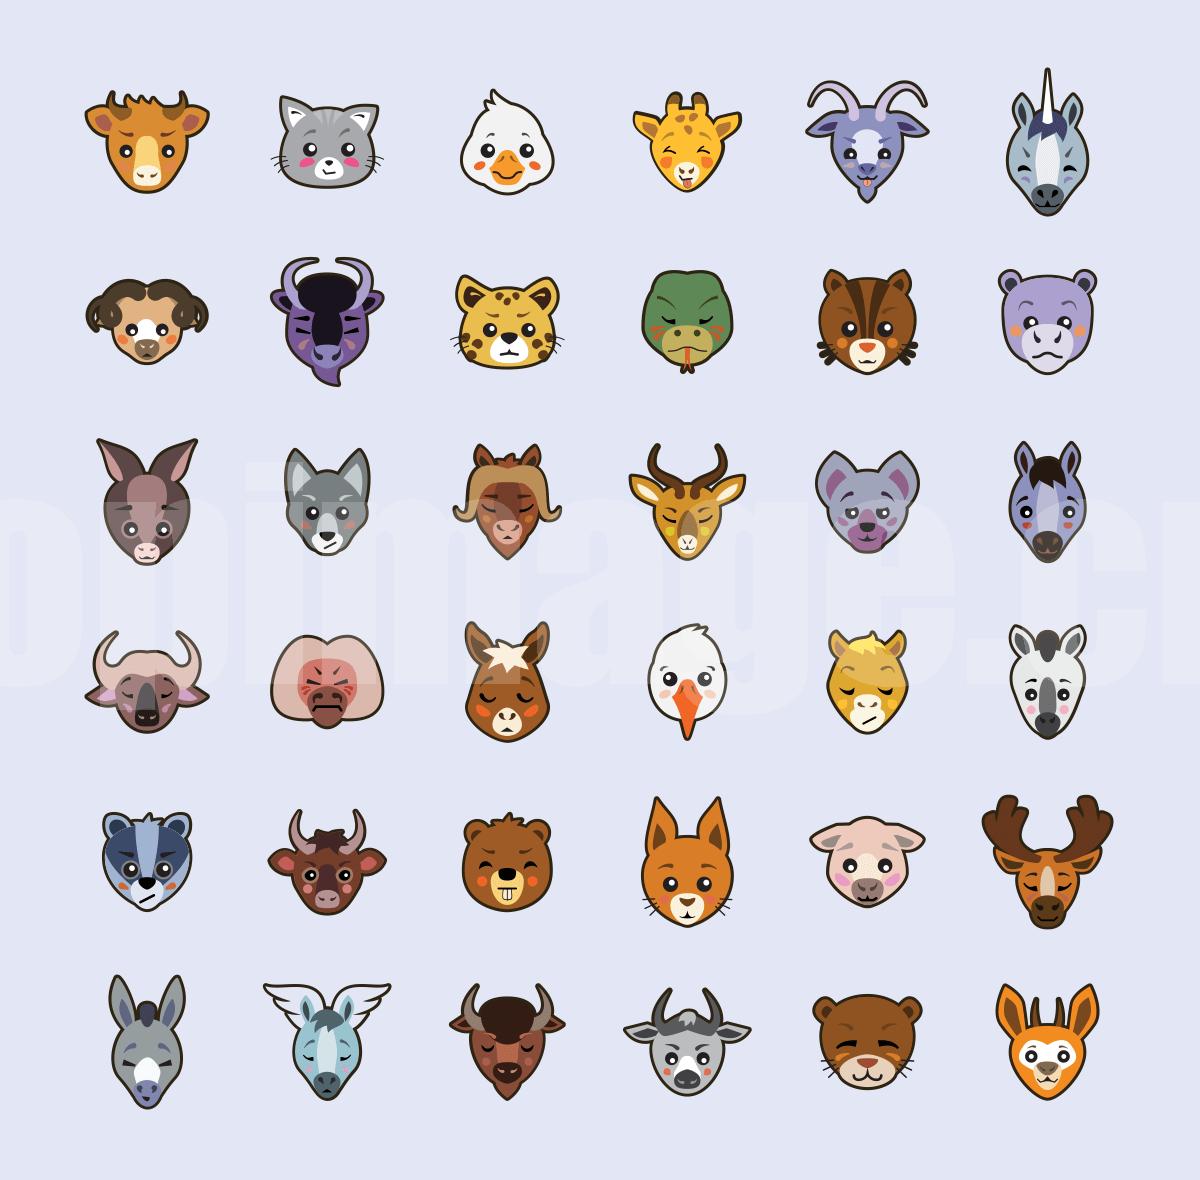 动物头像图标 幼儿园素材 马 鹿 猴子 山羊 矢量源文件icon下载